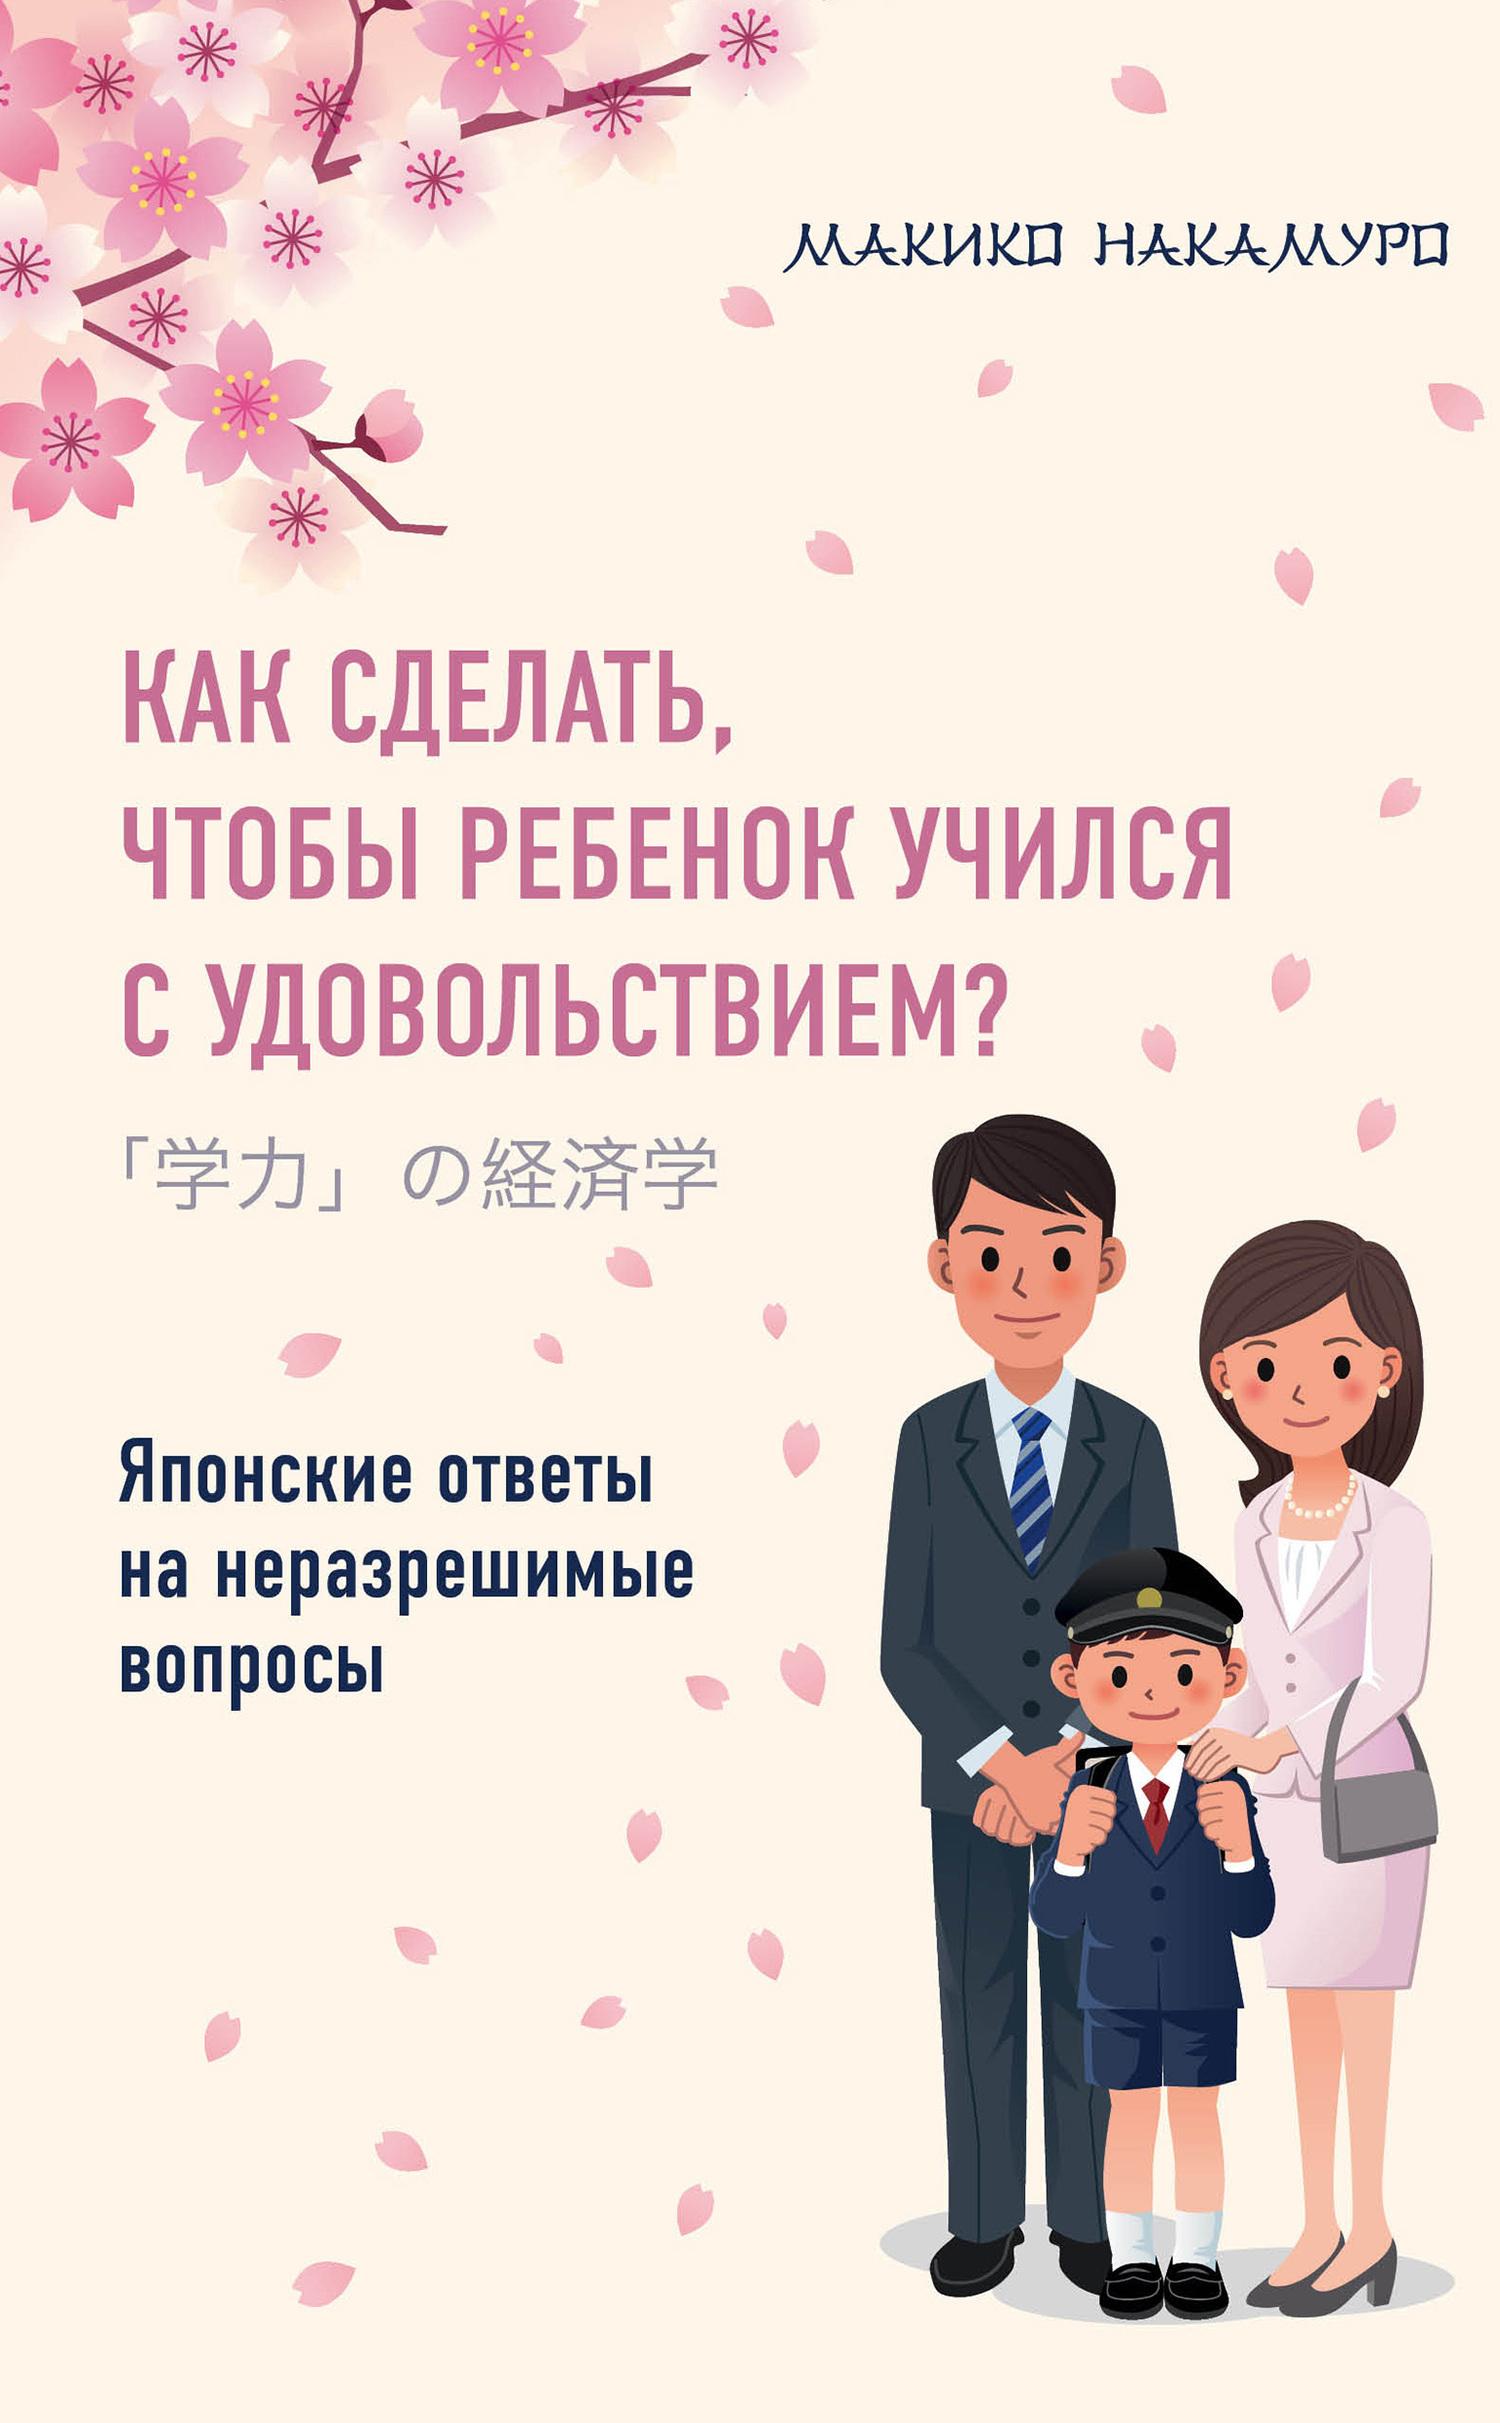 Макико Накамуро - Как сделать, чтобы ребенок учился с удовольствием? Японские ответы на неразрешимые вопросы